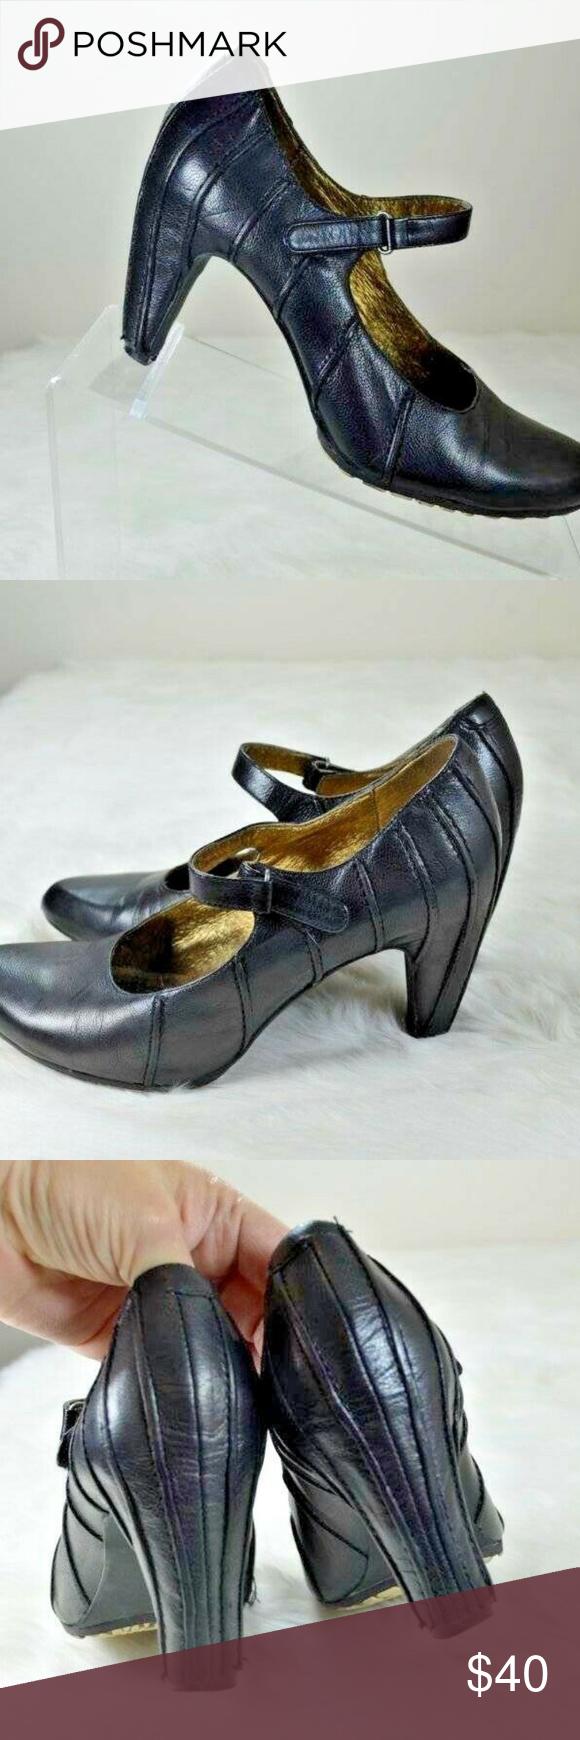 Tsubo Anush Black Leather Raised Stitch Mary Jane Tsubo Anush Black Leather Rais…